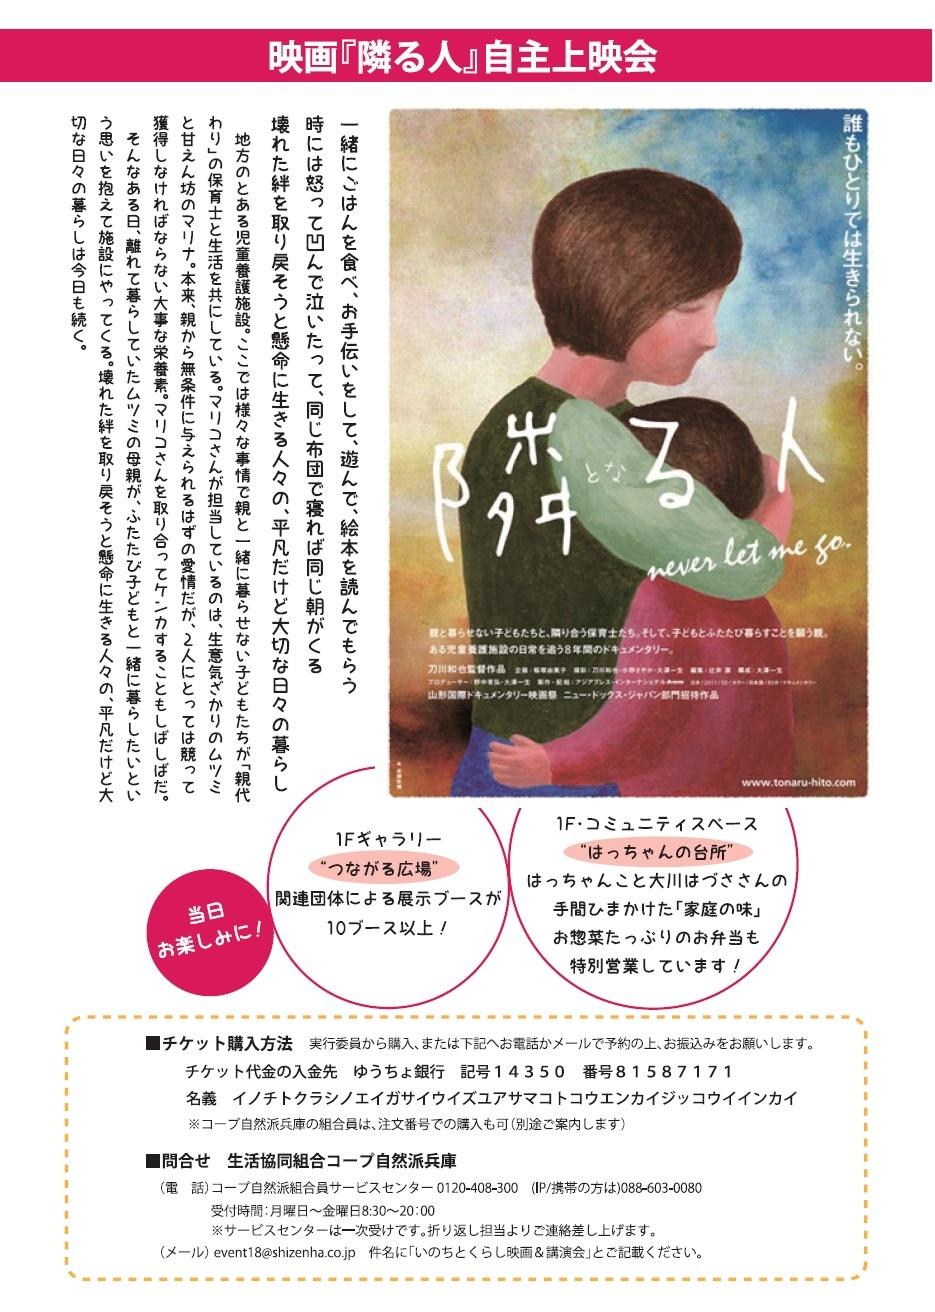 20180708_いのちとくらしの映画祭in湯浅誠2